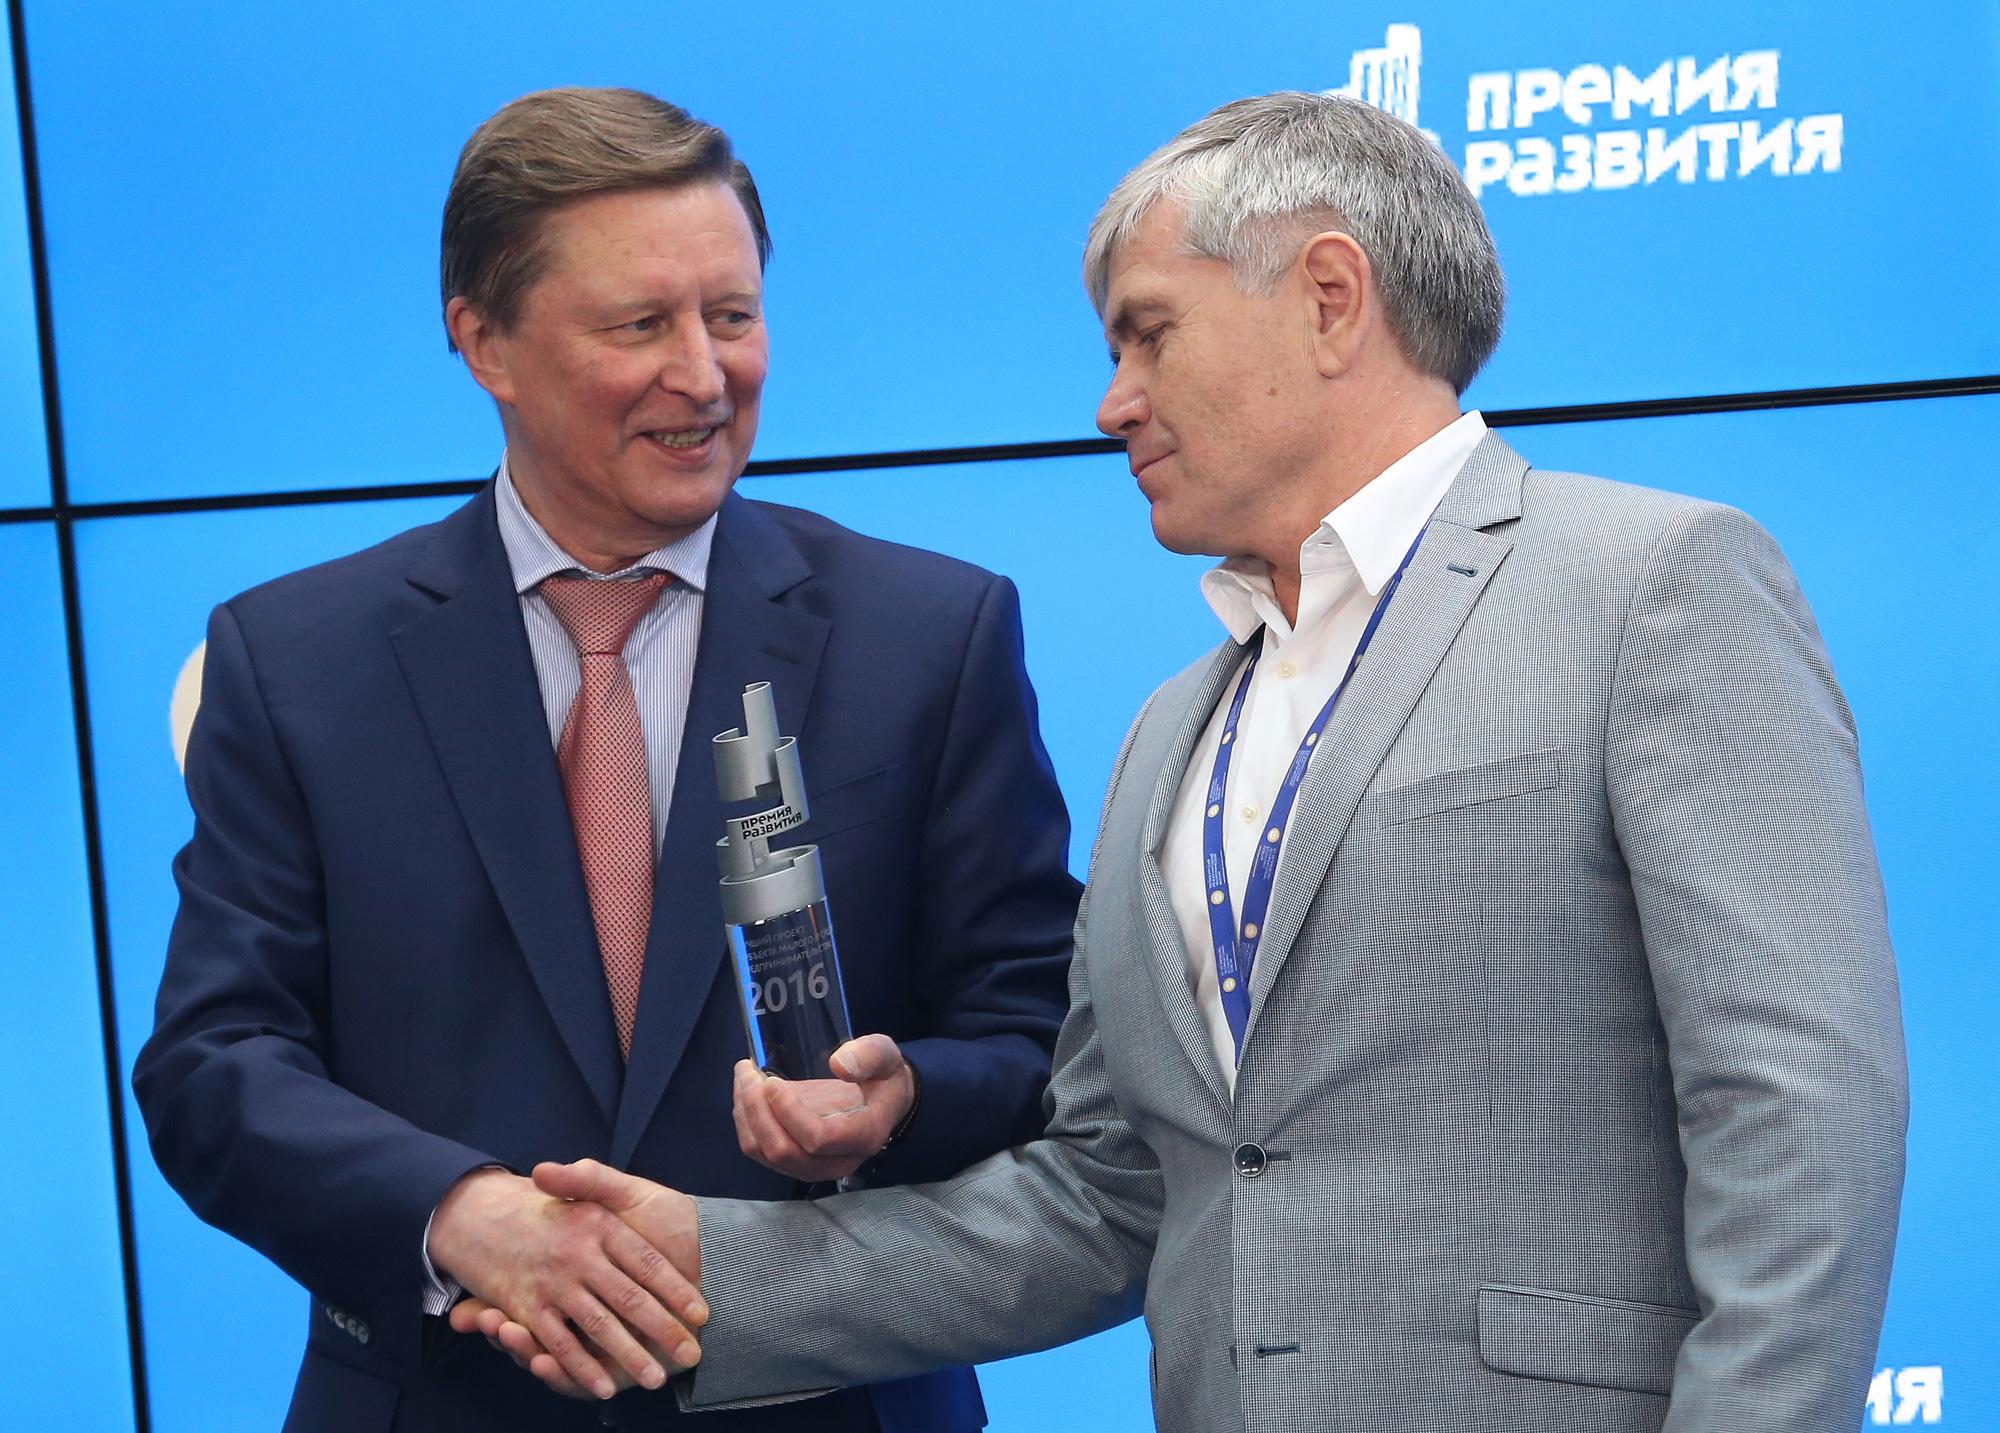 Руководитель администрации президента РФ С. Иванов и генеральный директор Цитомед А. Хромов